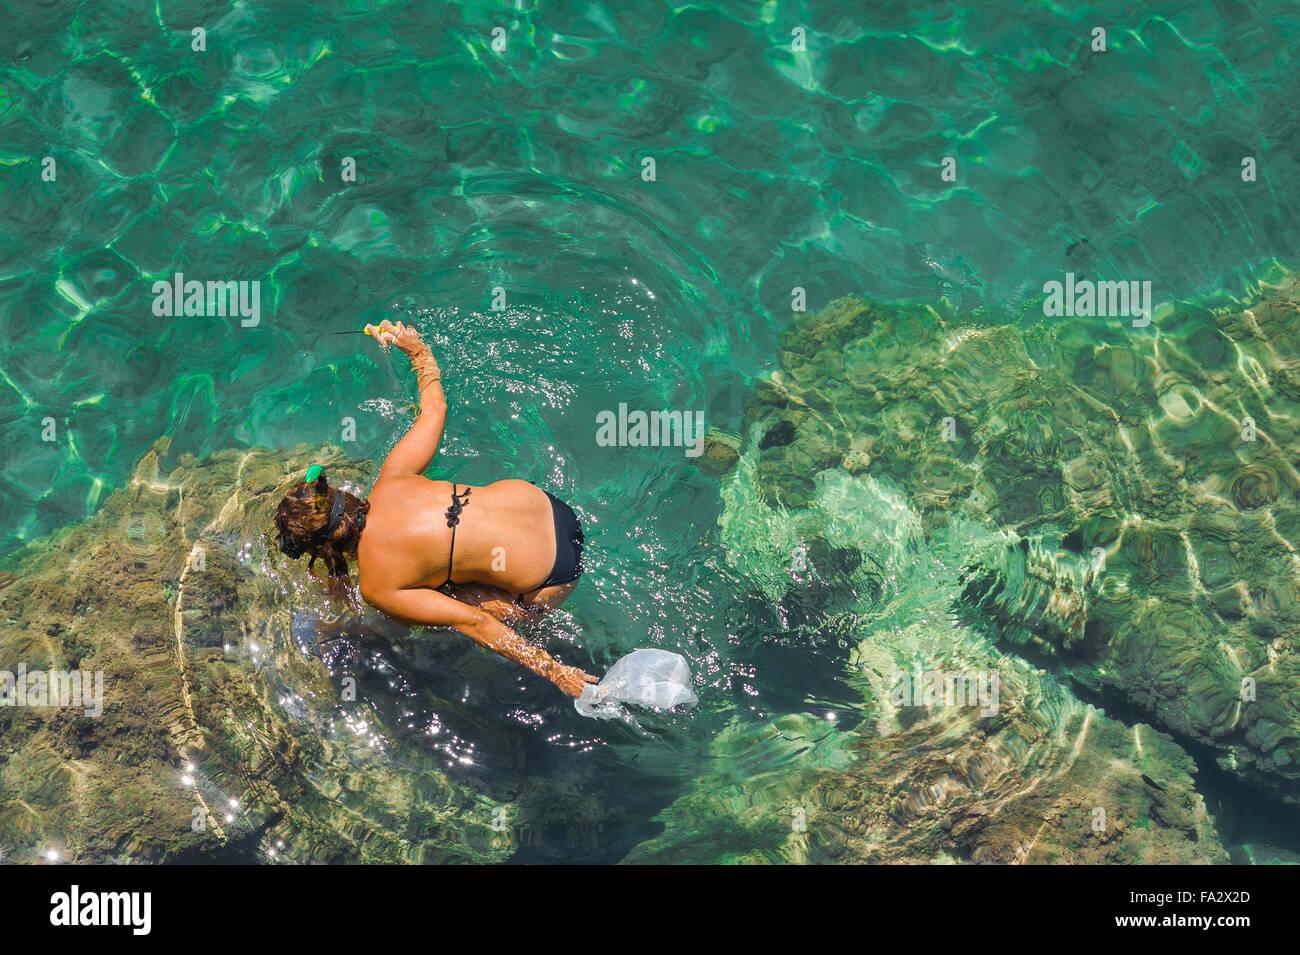 Rock femme intérieure, une femme en bikini les recherches des moules au milieu des rochers sur l'île Photo Stock